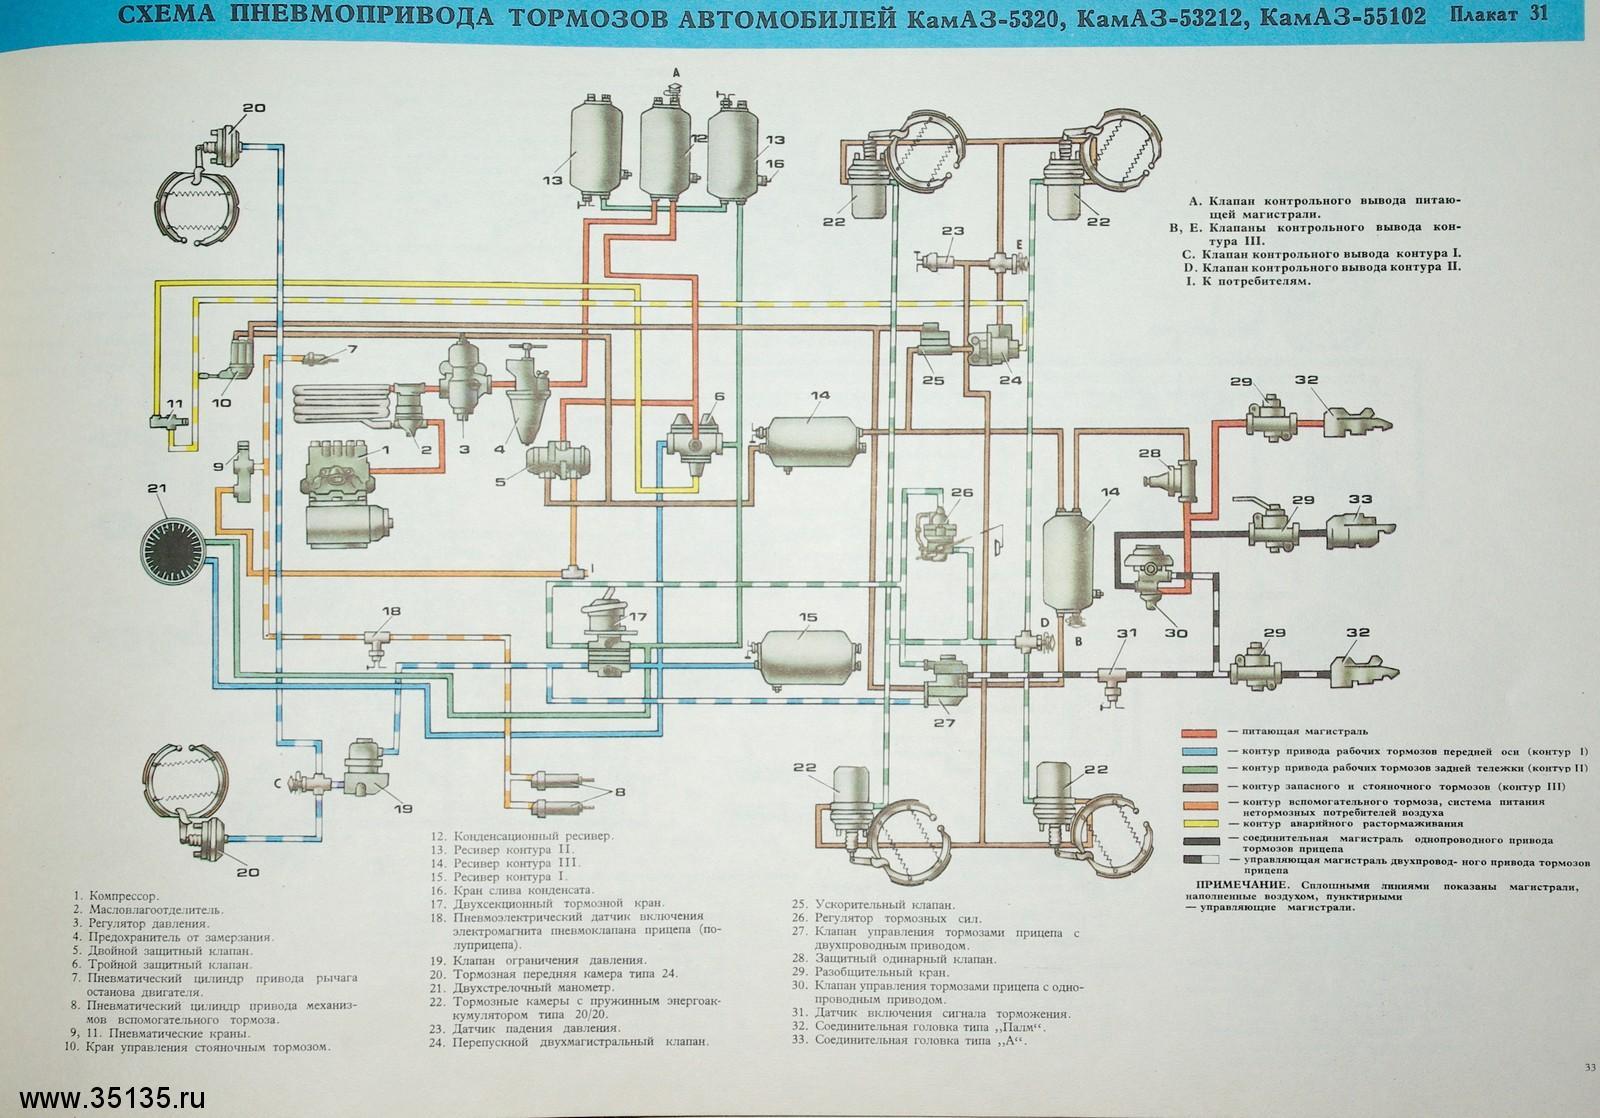 Схема наземного метро москвы со строящимися станциями фото 849